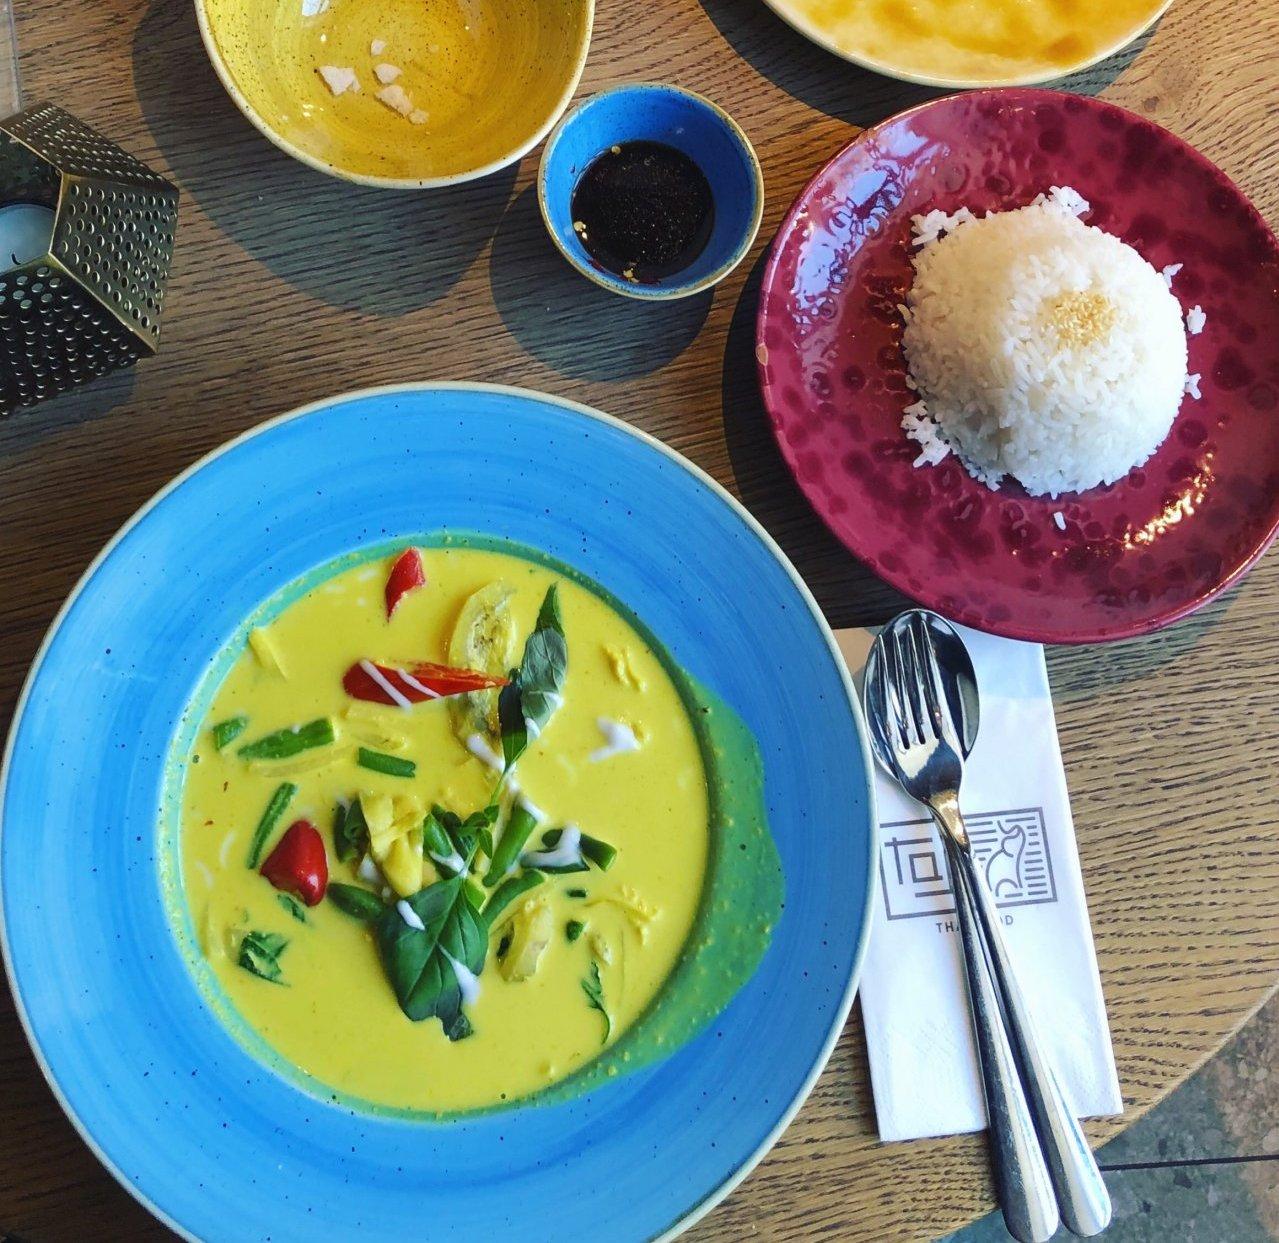 zółte curry na niebieskim talerzu, obok dwie porcje ryżu